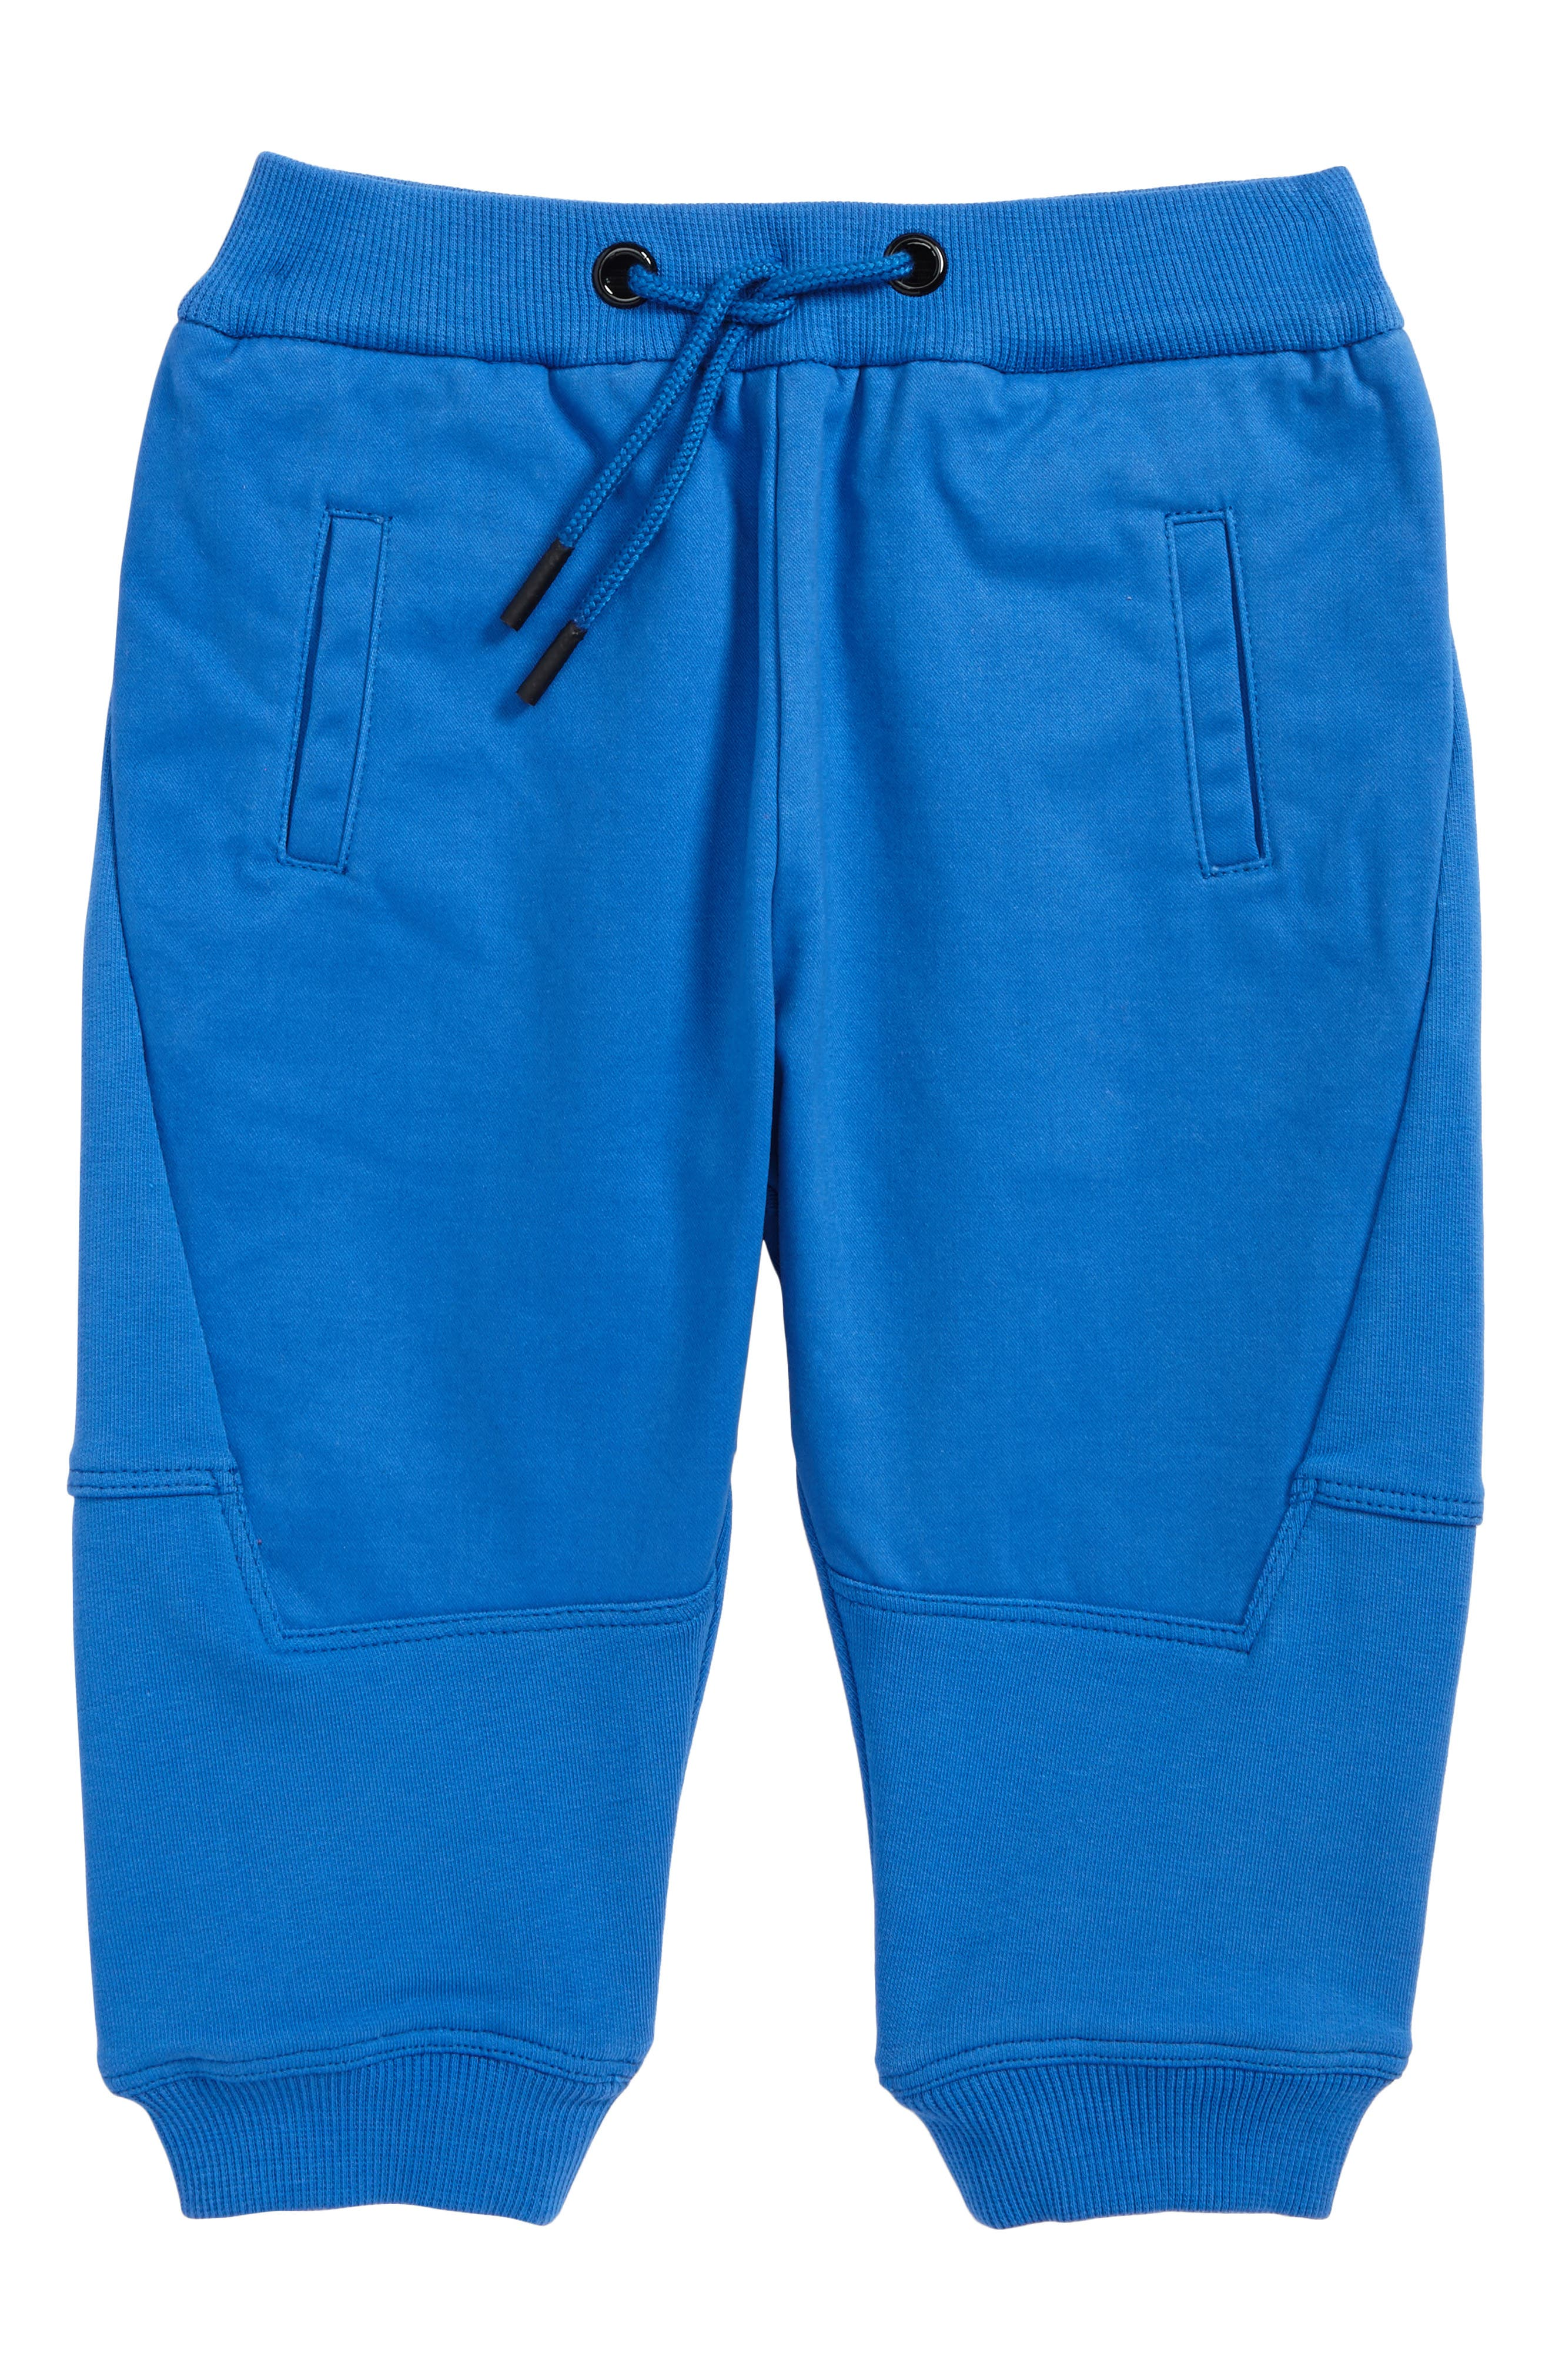 Jogger Pants,                             Main thumbnail 1, color,                             Royal Blue